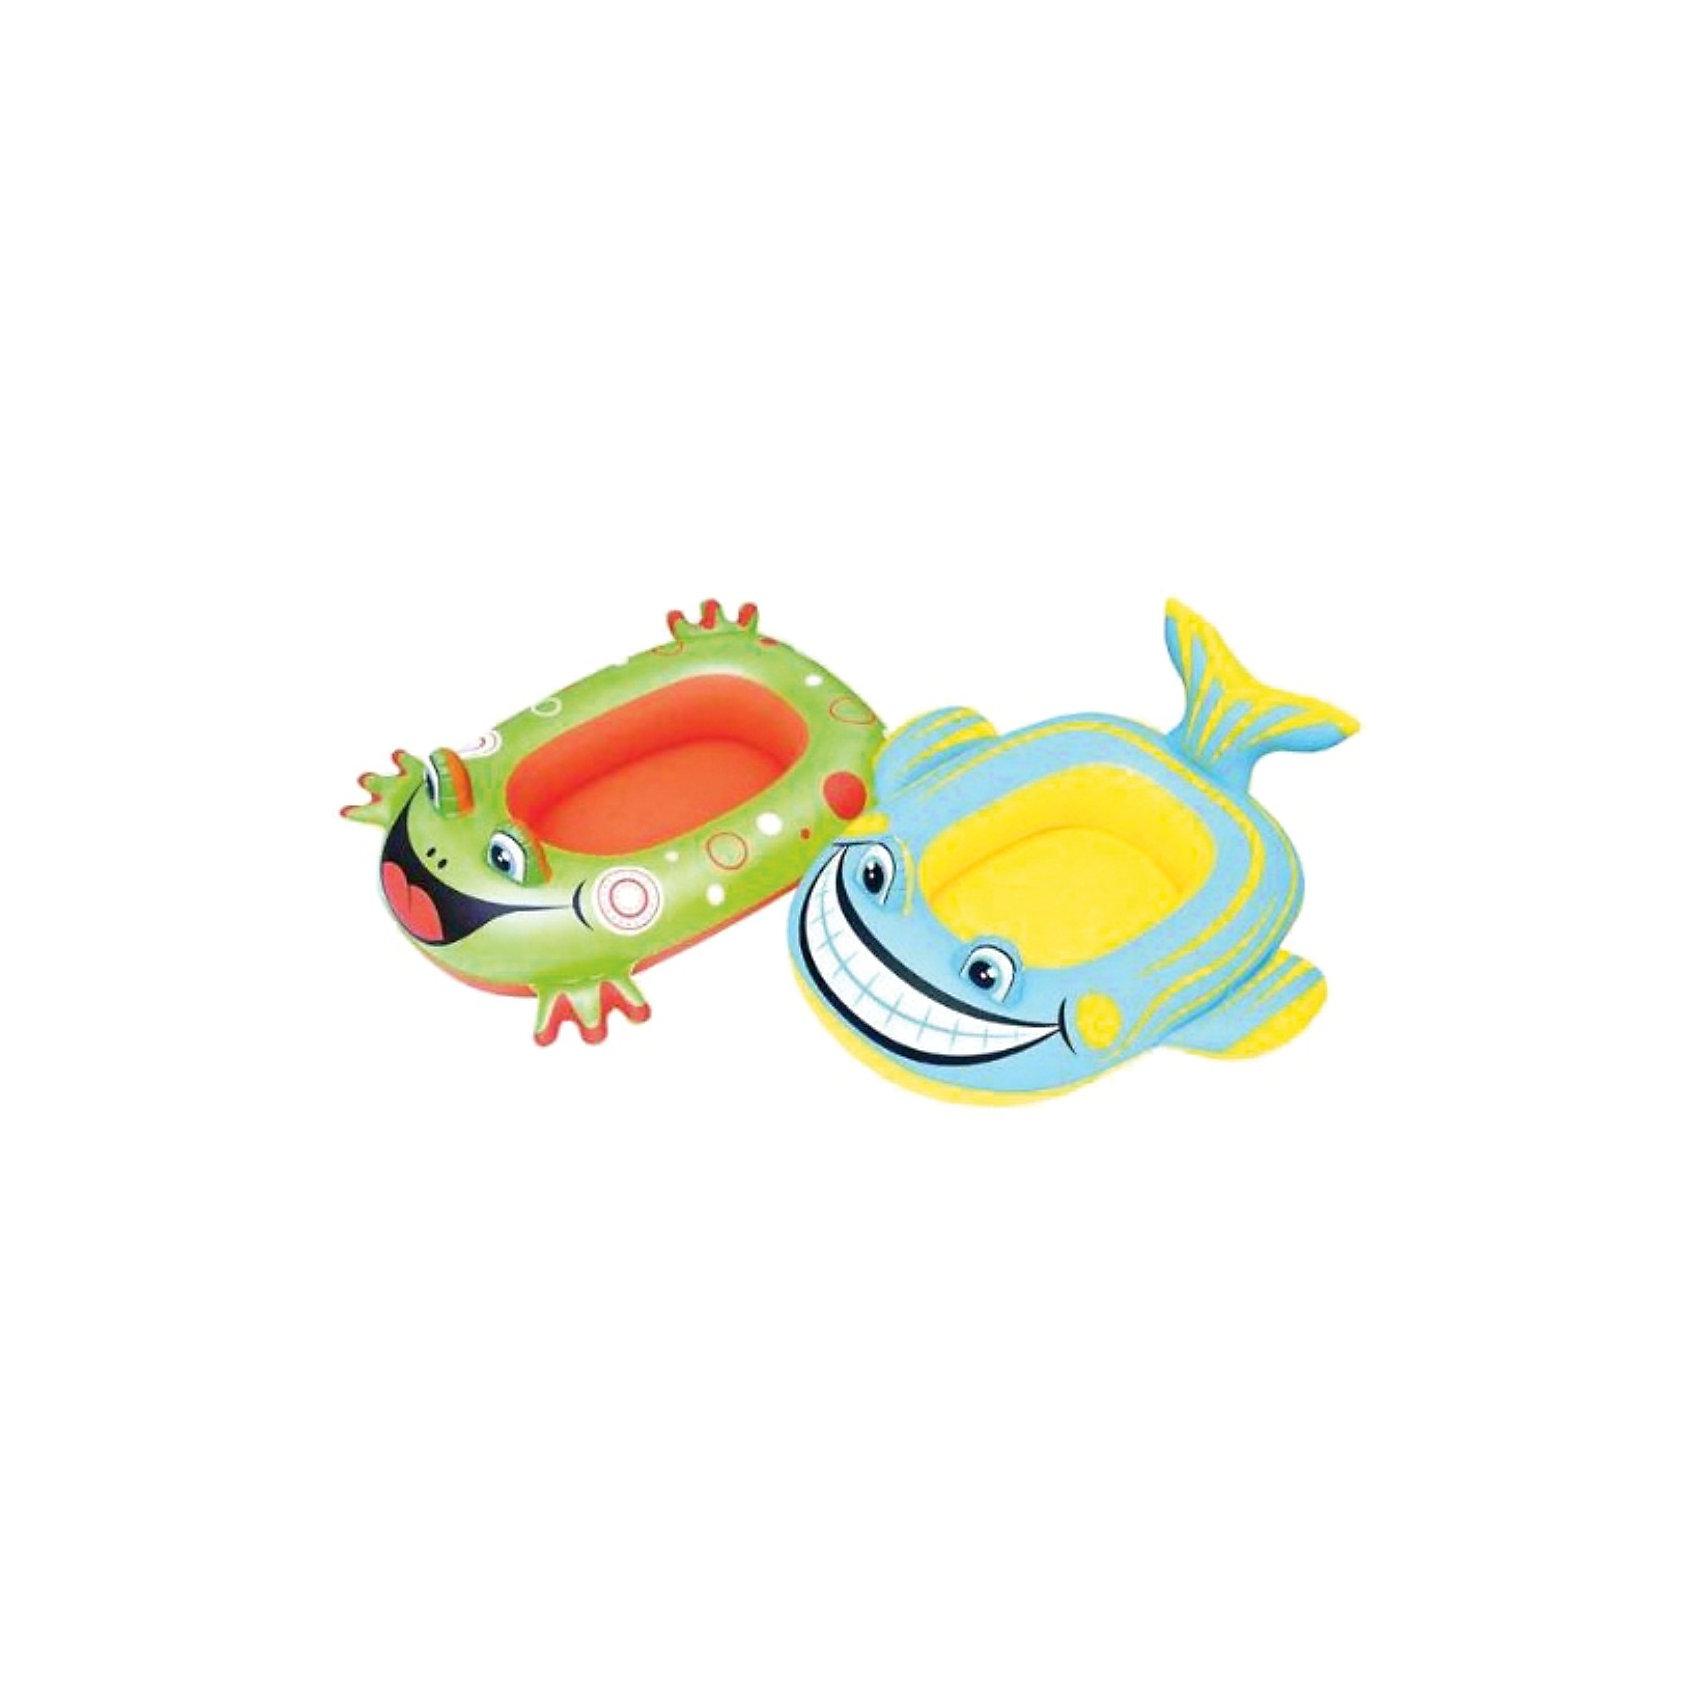 Надувная лодочка,  BestwayНадувная лодочка, Bestway (Бествей) обеспечит безопасность и комфорт Вашего ребенка во время купания и активных игр в воде. Лодочка выполнен из прочного материала, устойчива на воде и имеет яркий привлекательный дизайн в виде красочной рыбки или забавной лягушки (в ассортименте). Надувается с помощью насоса (в комплект не входит). Также лодочку можно использовать как минибассейн. <br><br>Дополнительная информация:<br><br>- Материал: винил.<br>- Размер лодки: 99 х 66 см.<br>- Размер упаковки: 25,4 х 26,6 см.<br><br>Надувную лодочку, Bestway (Бествей) можно купить в нашем интернет-магазине.<br><br>Ширина мм: 283<br>Глубина мм: 259<br>Высота мм: 25<br>Вес г: 386<br>Возраст от месяцев: 36<br>Возраст до месяцев: 72<br>Пол: Унисекс<br>Возраст: Детский<br>SKU: 3340144